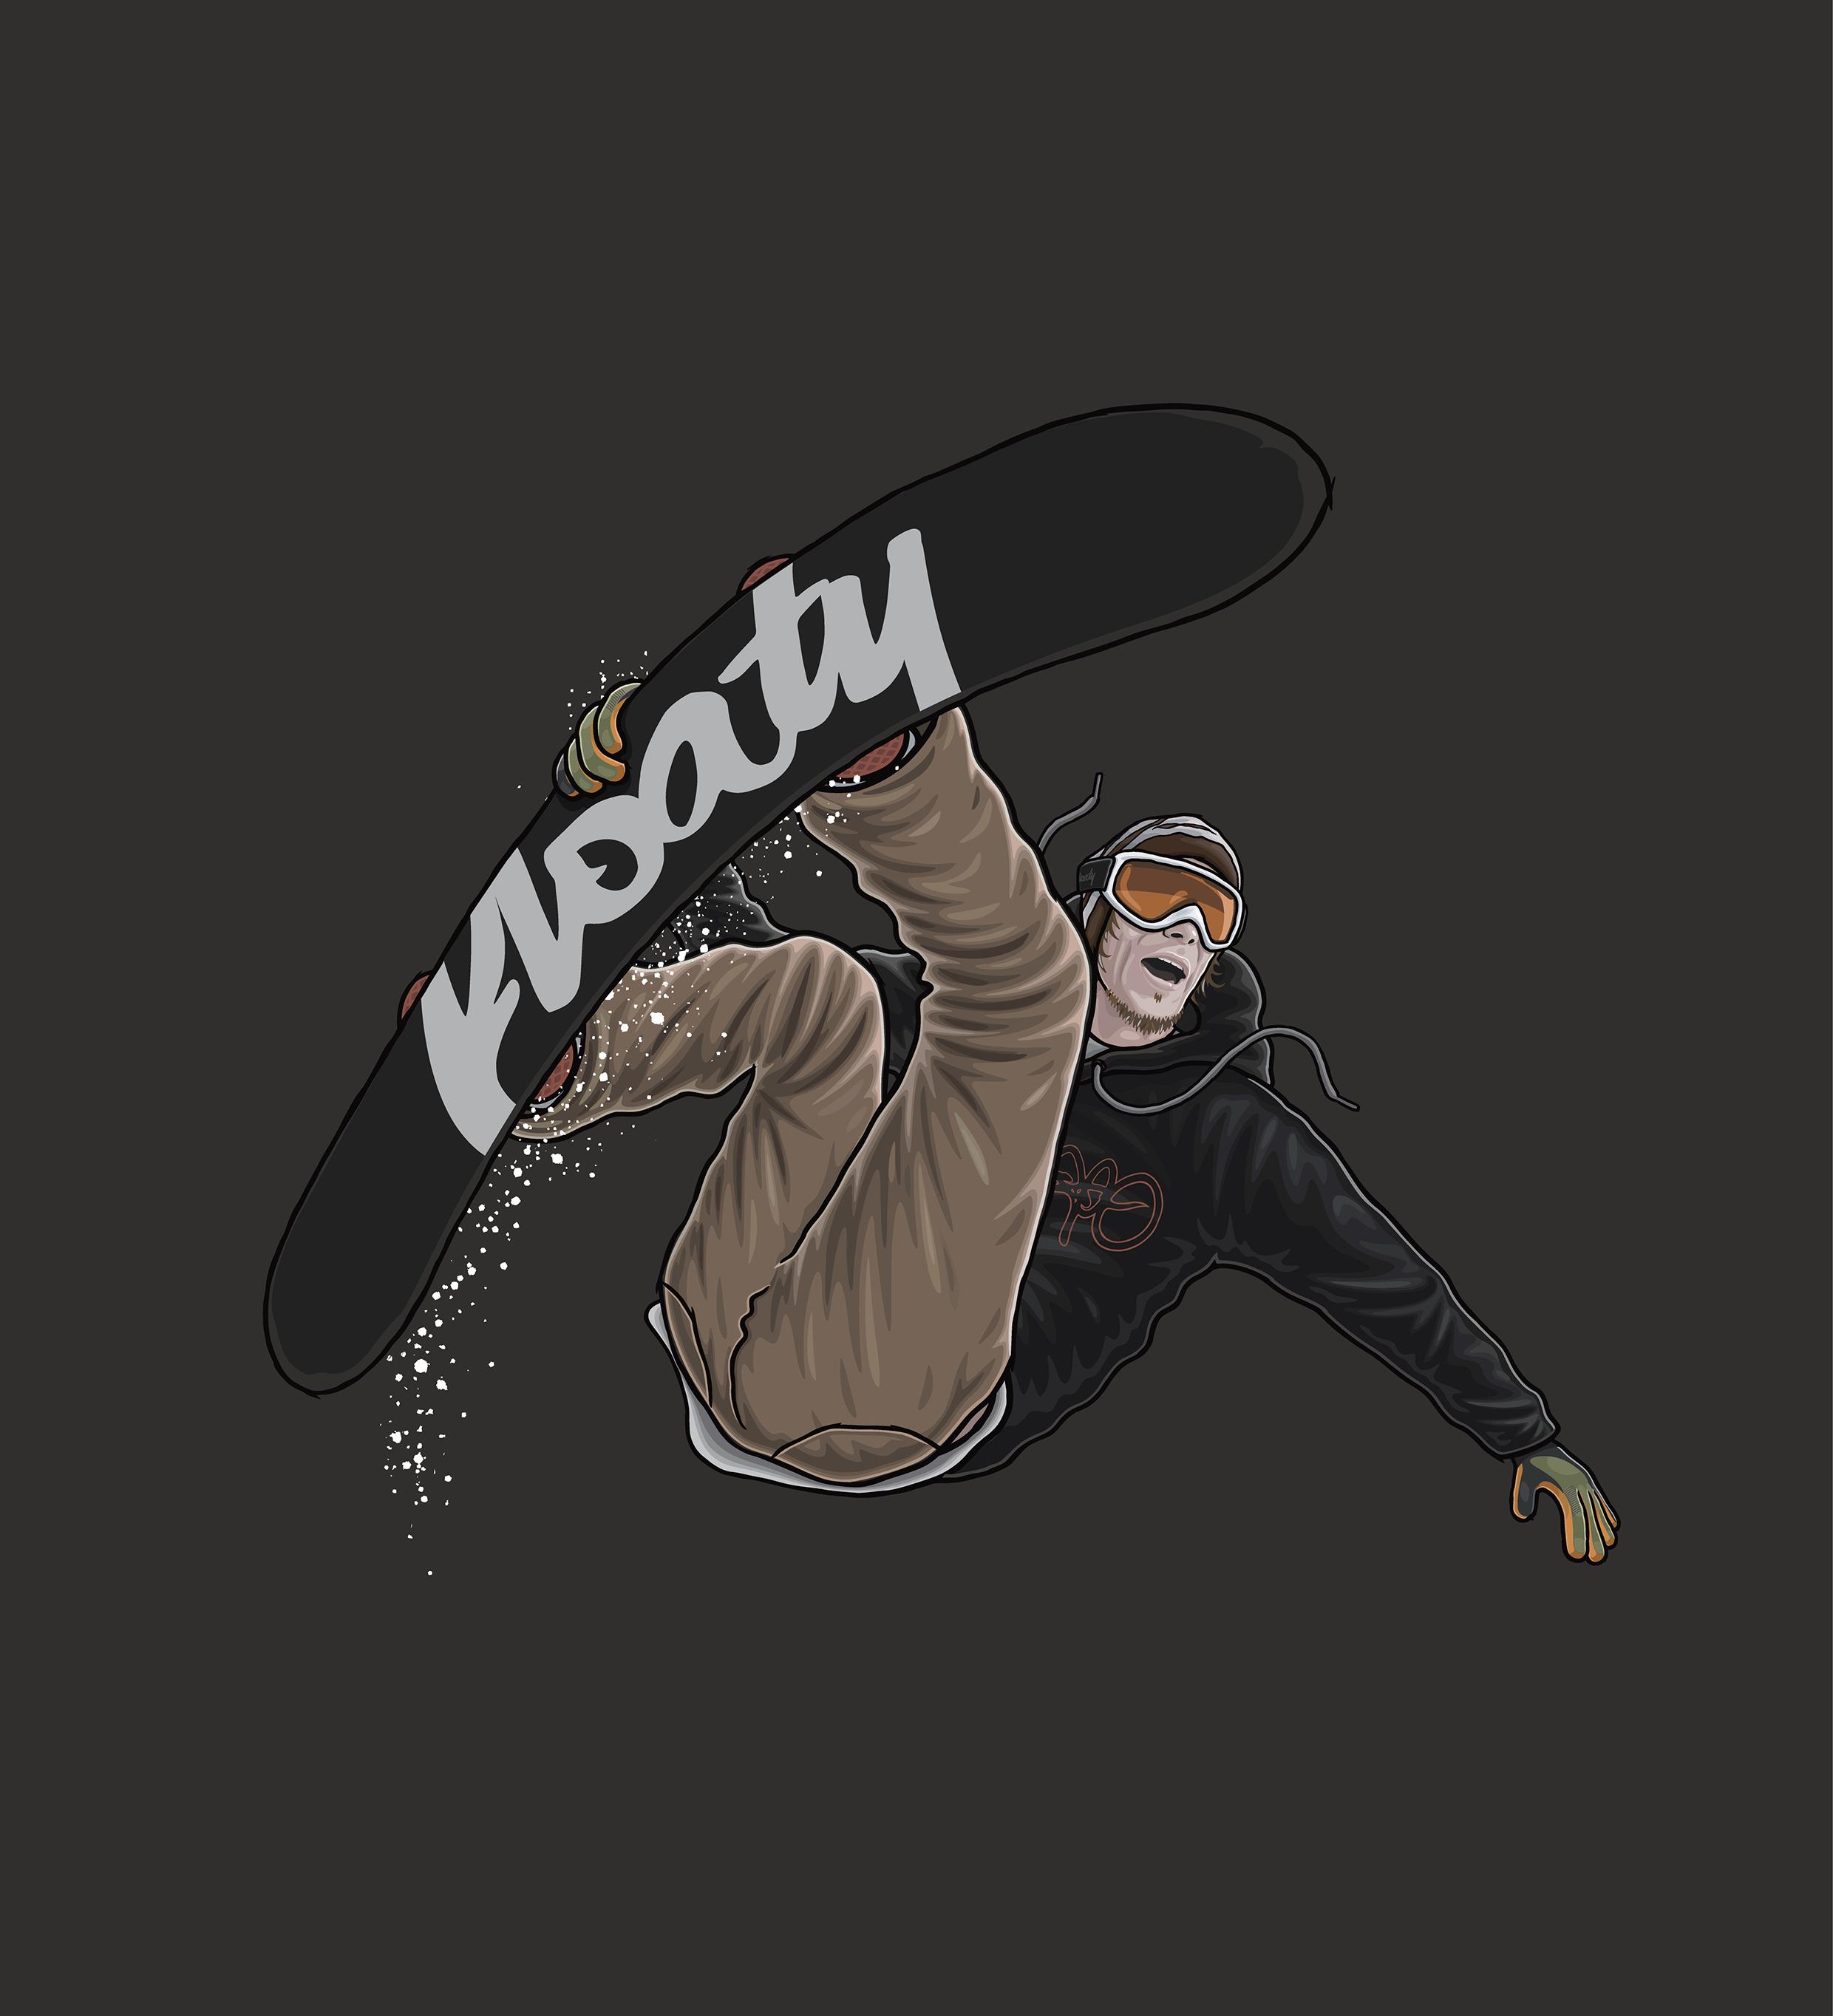 Jason Upchurch